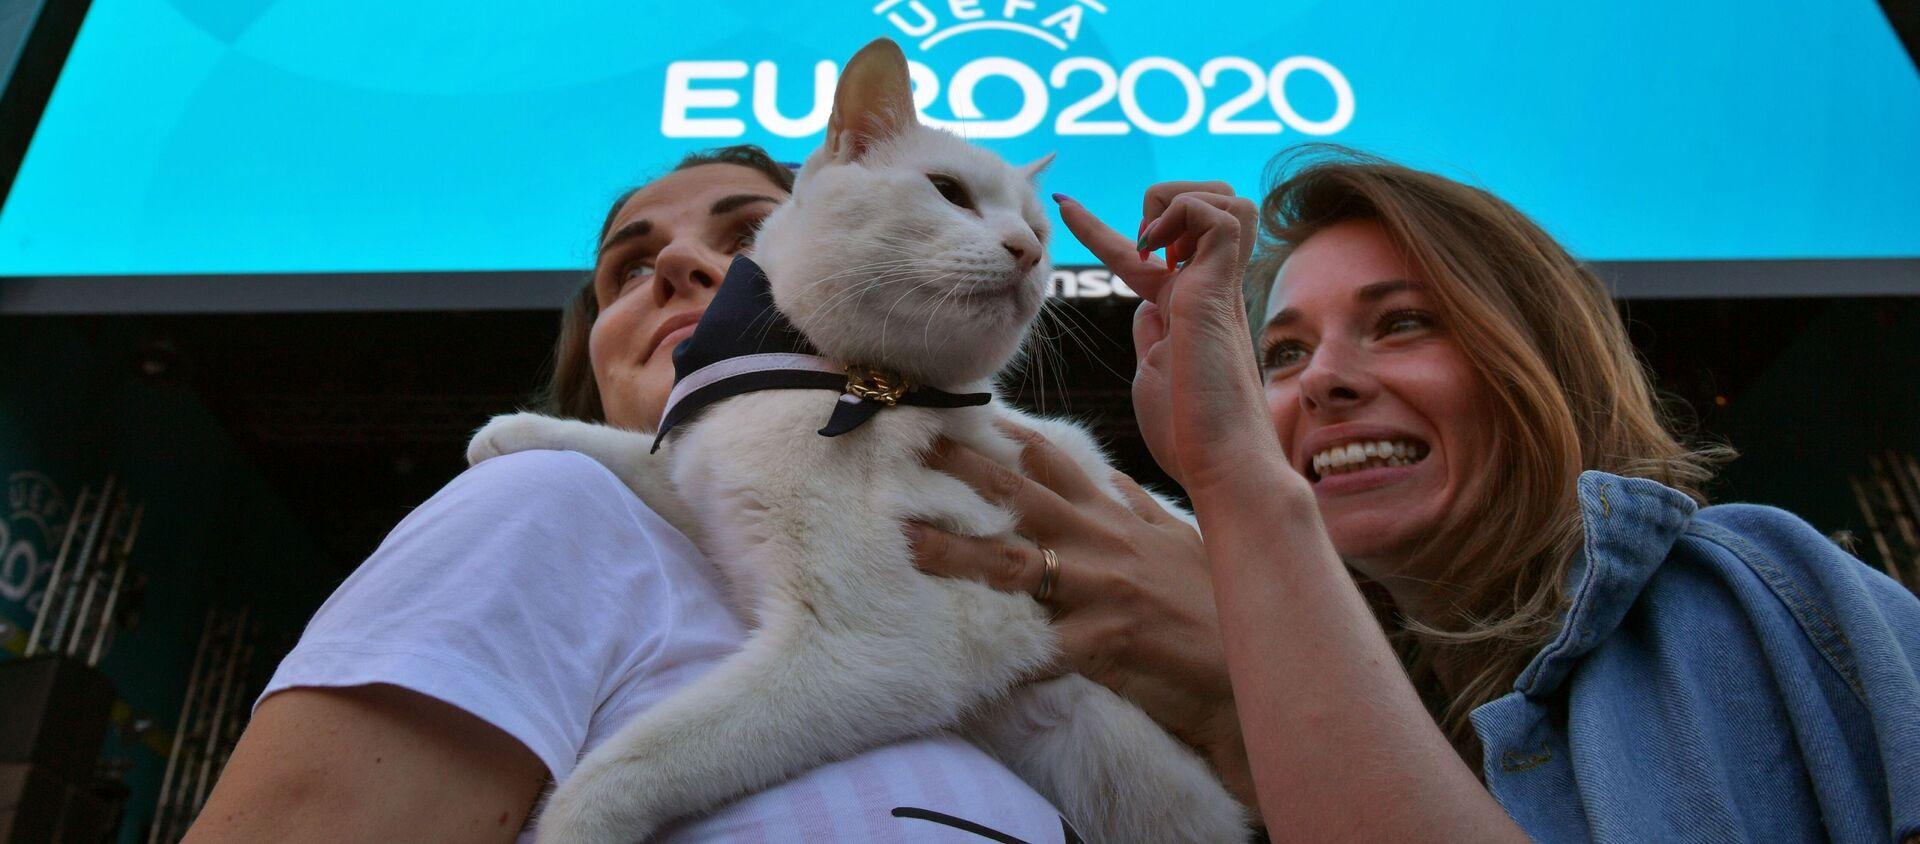 Chú mèo tiên tri Achilles trước giờ phát sóng lượt trận đầu vòng bảng giải vô địch UEFA EURO 2020. - Sputnik Việt Nam, 1920, 15.06.2021